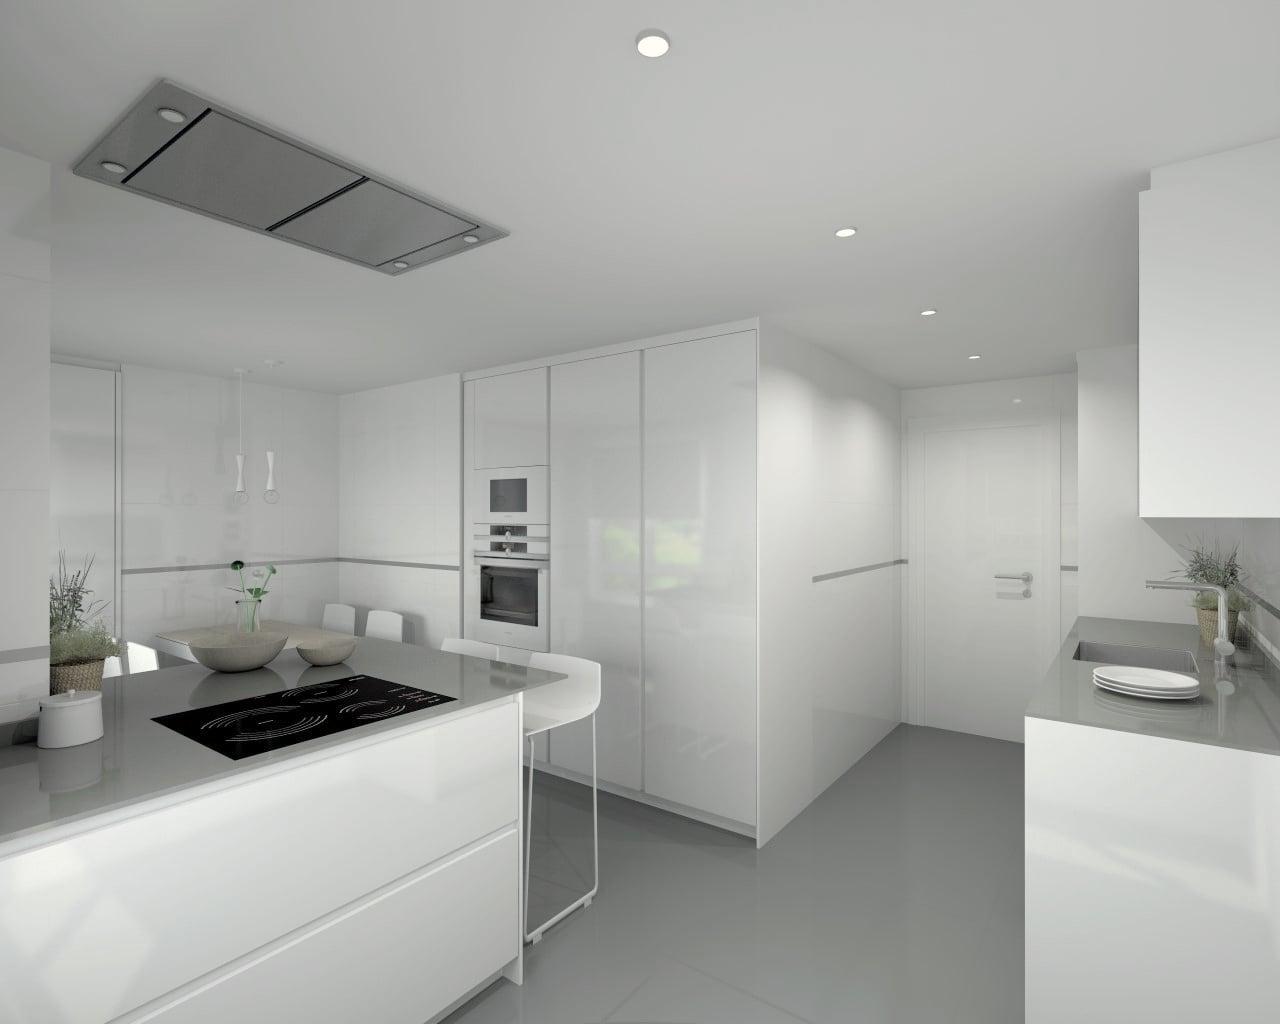 Proyectos de cocinas docrys cocinas for Proyectos de cocina easy